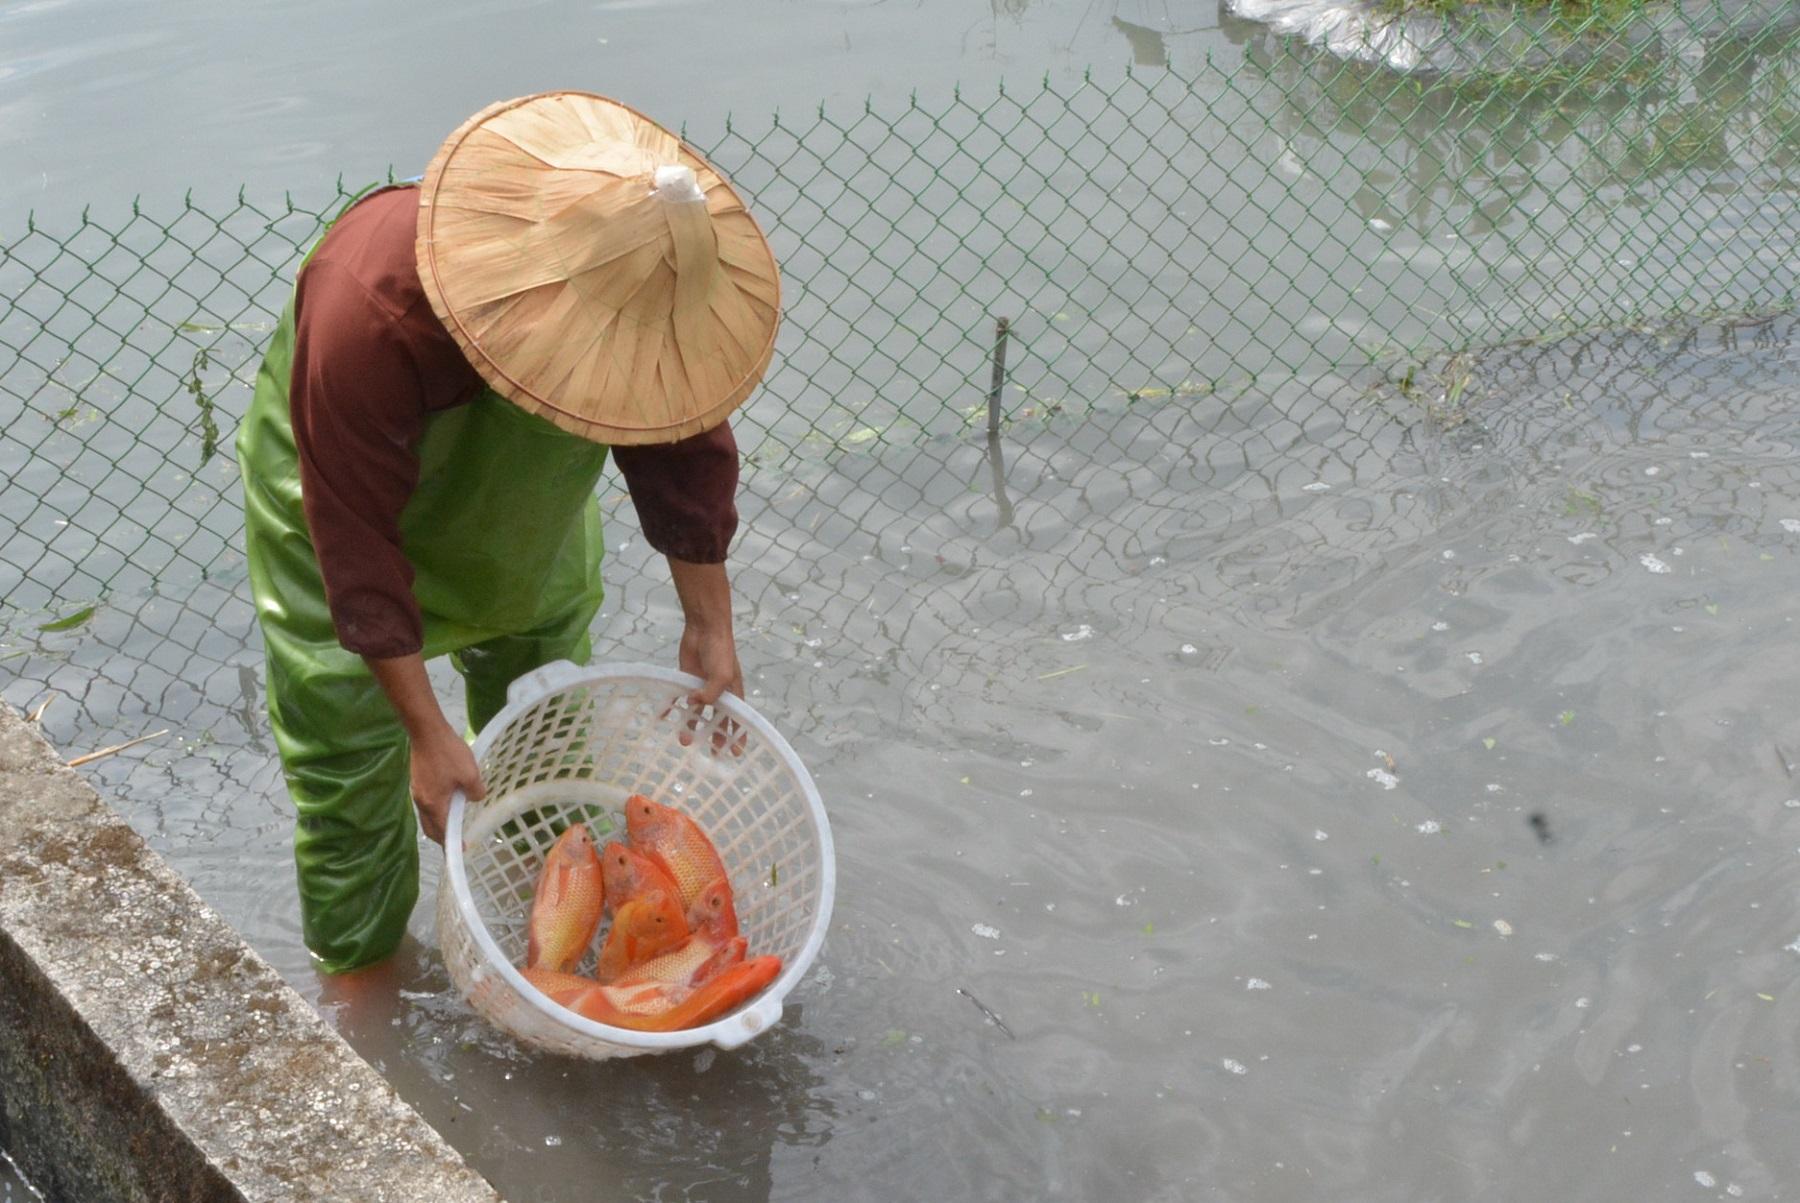 享天然、勁友善,「魚茭共生」農法讓友善耕作更EASY!